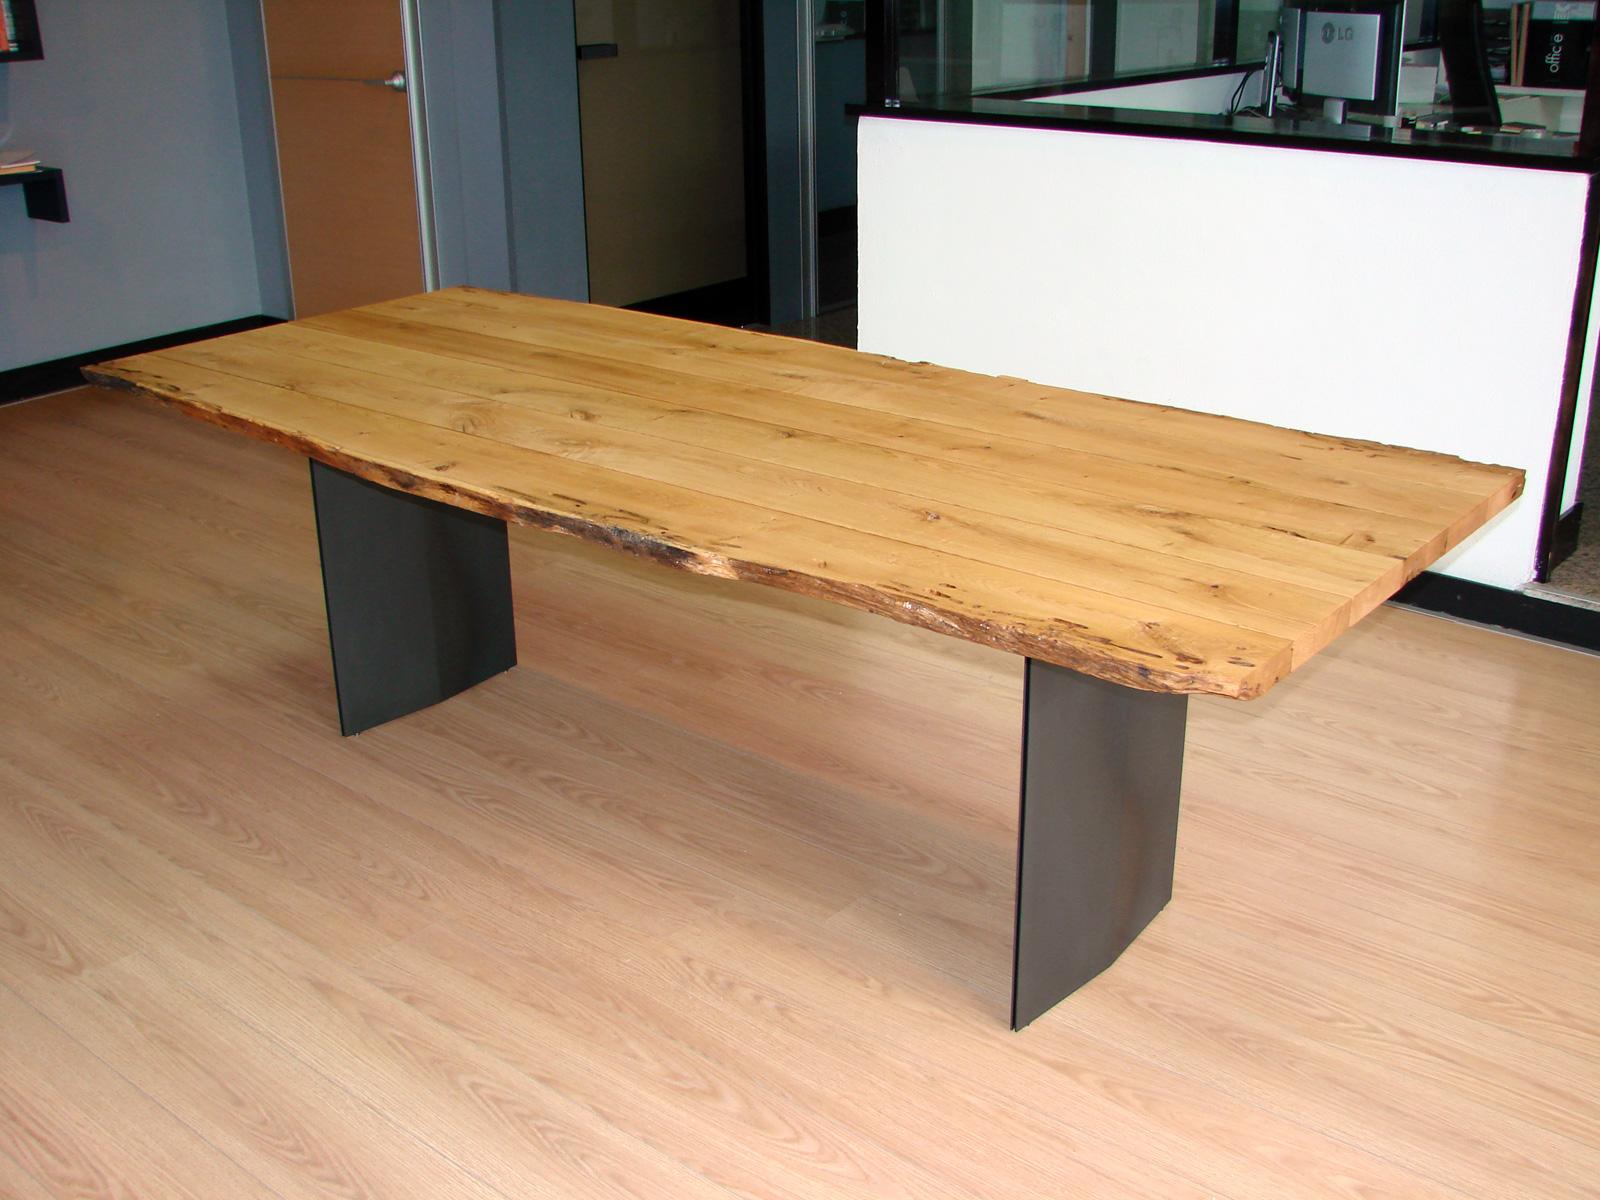 Tavoli in legno design - Tavoli pranzo design outlet ...